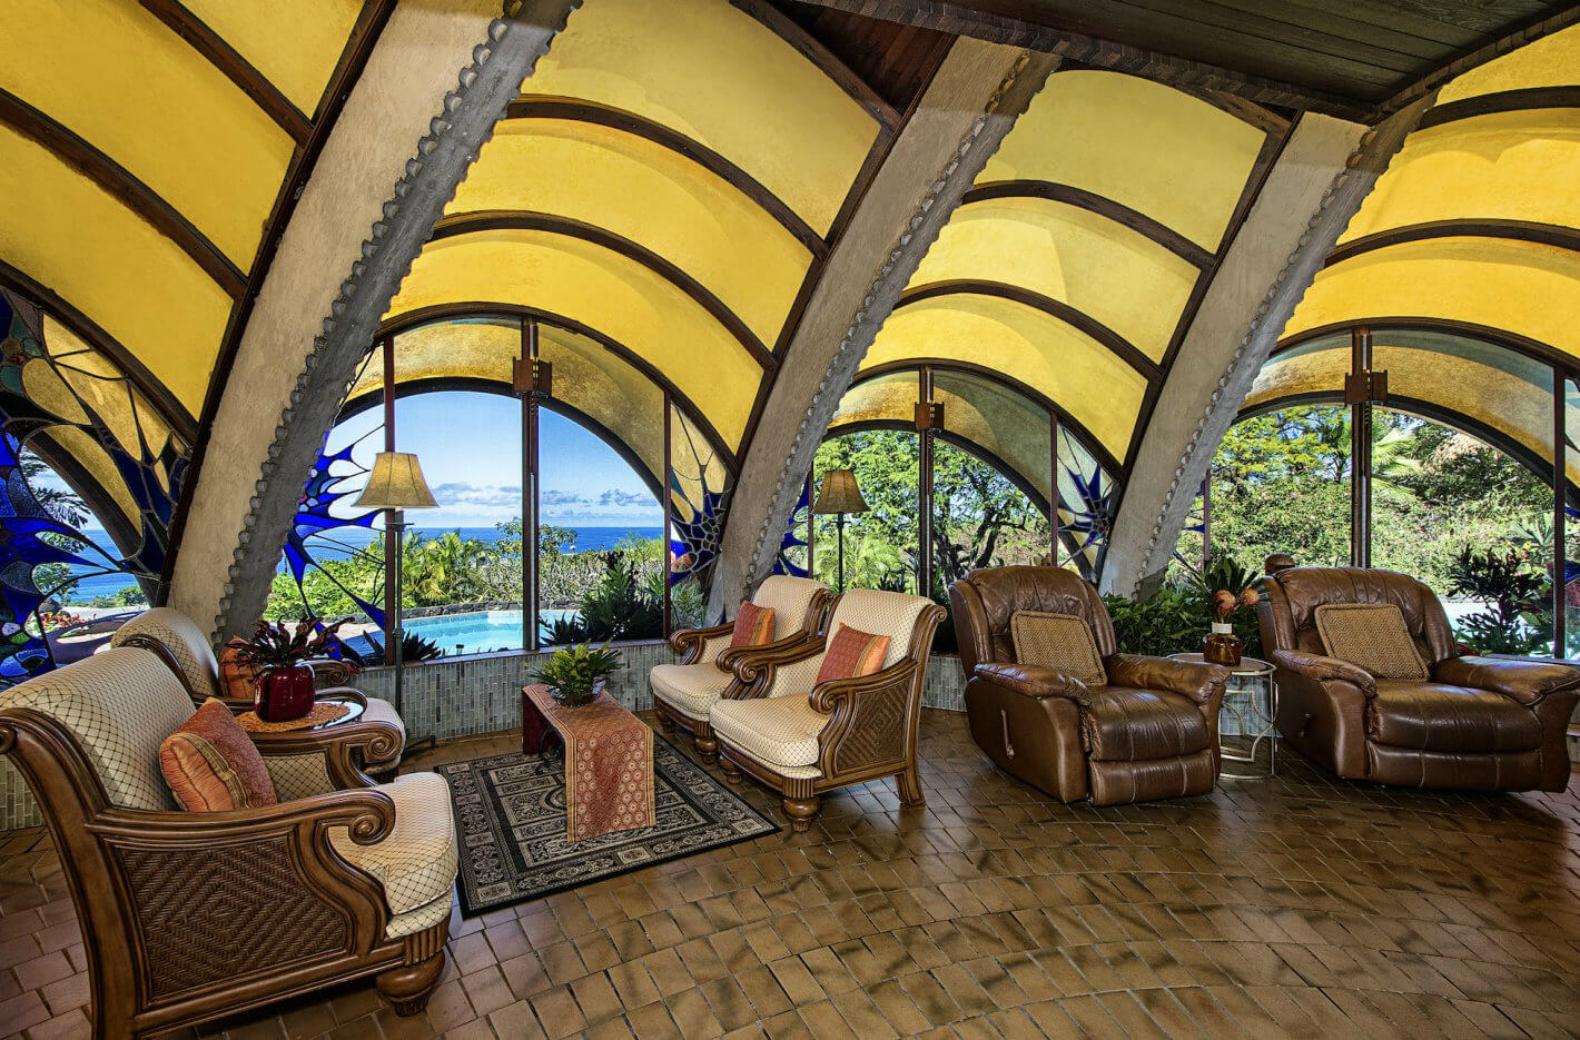 E' possibile affittarla per brevi soggiorni al prezzo di 3500 euro a settimana / Onion House